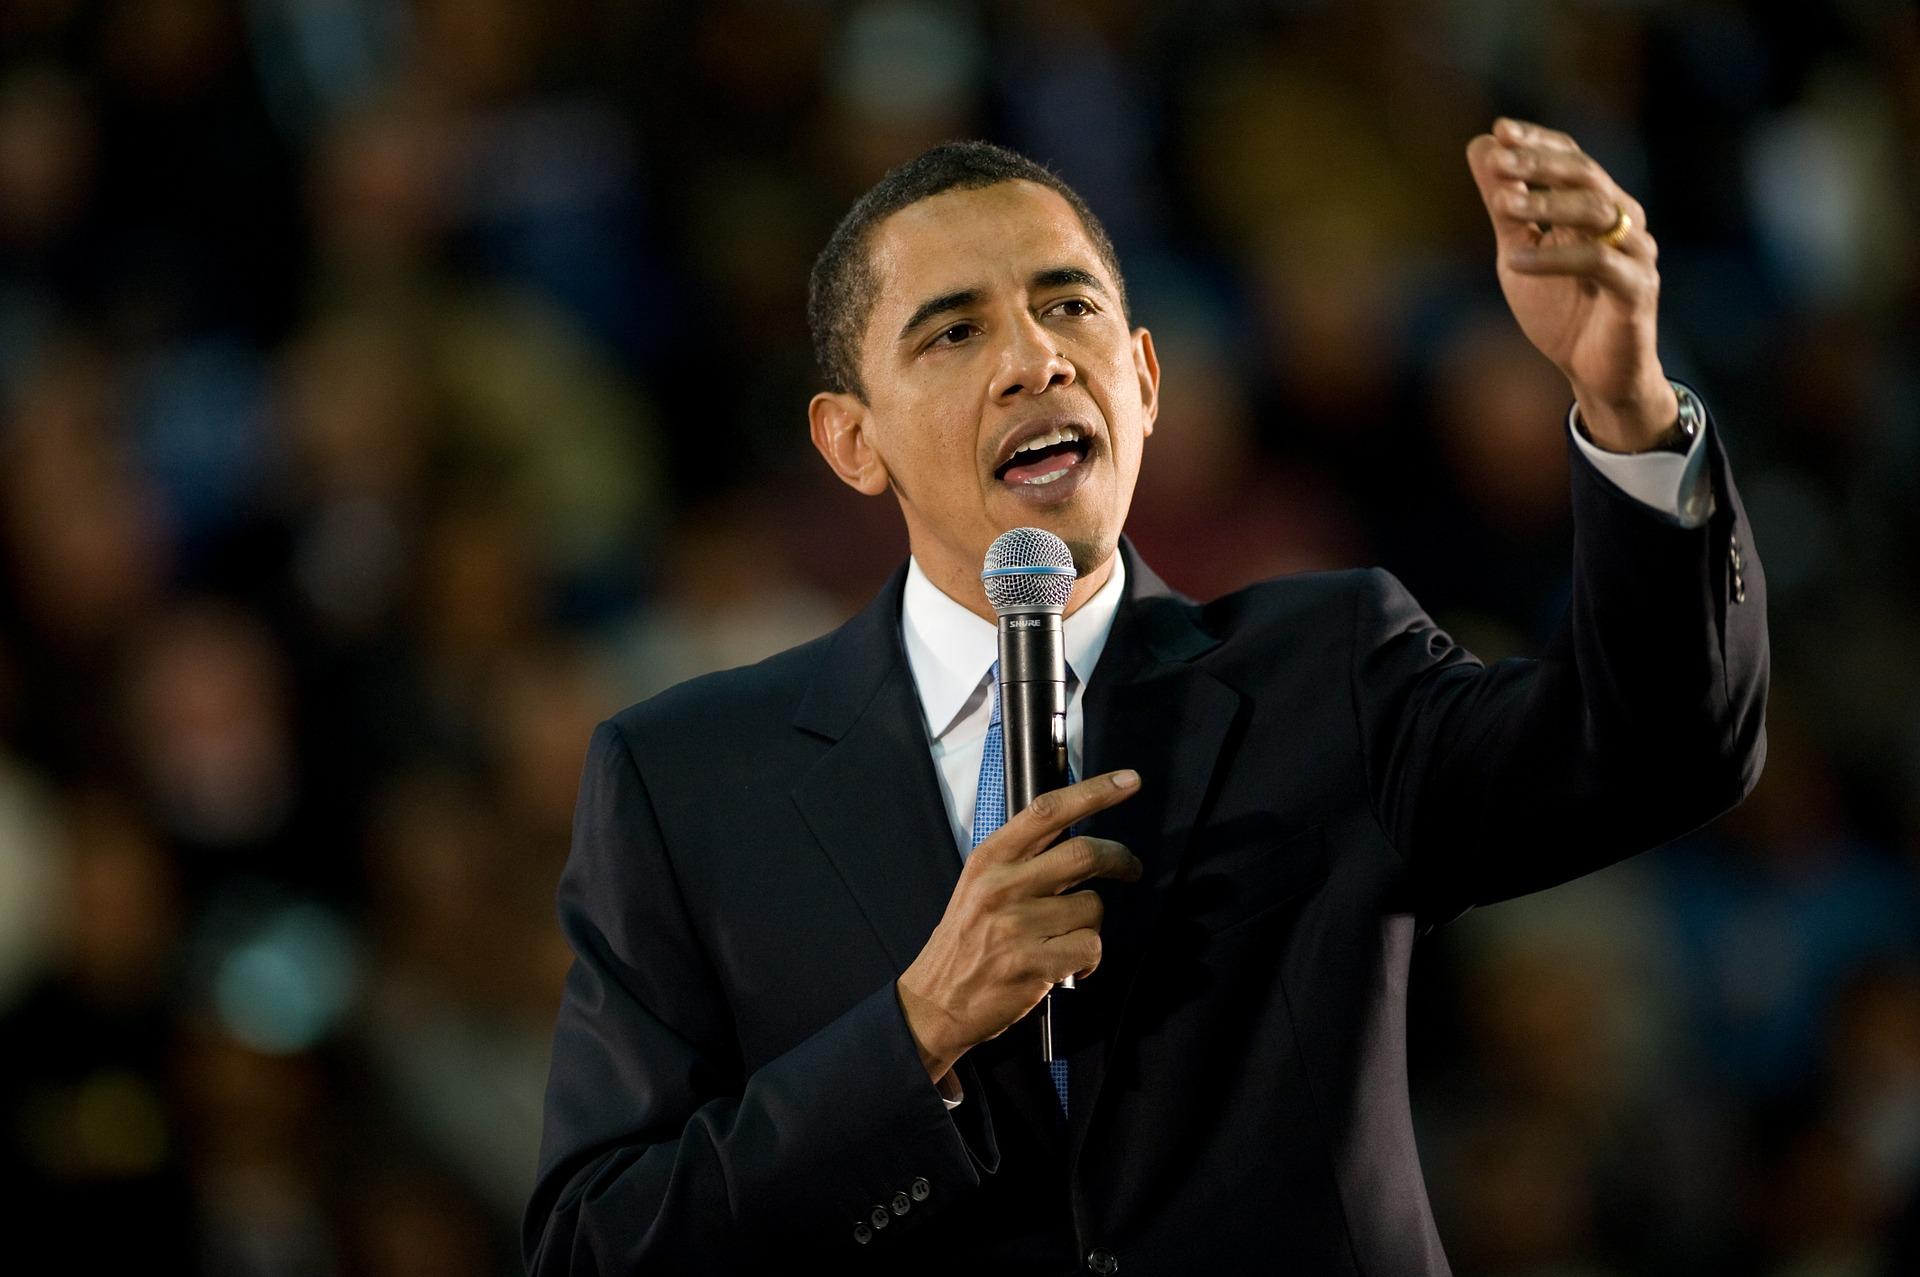 Ehemaliger US-Präsident Obama: